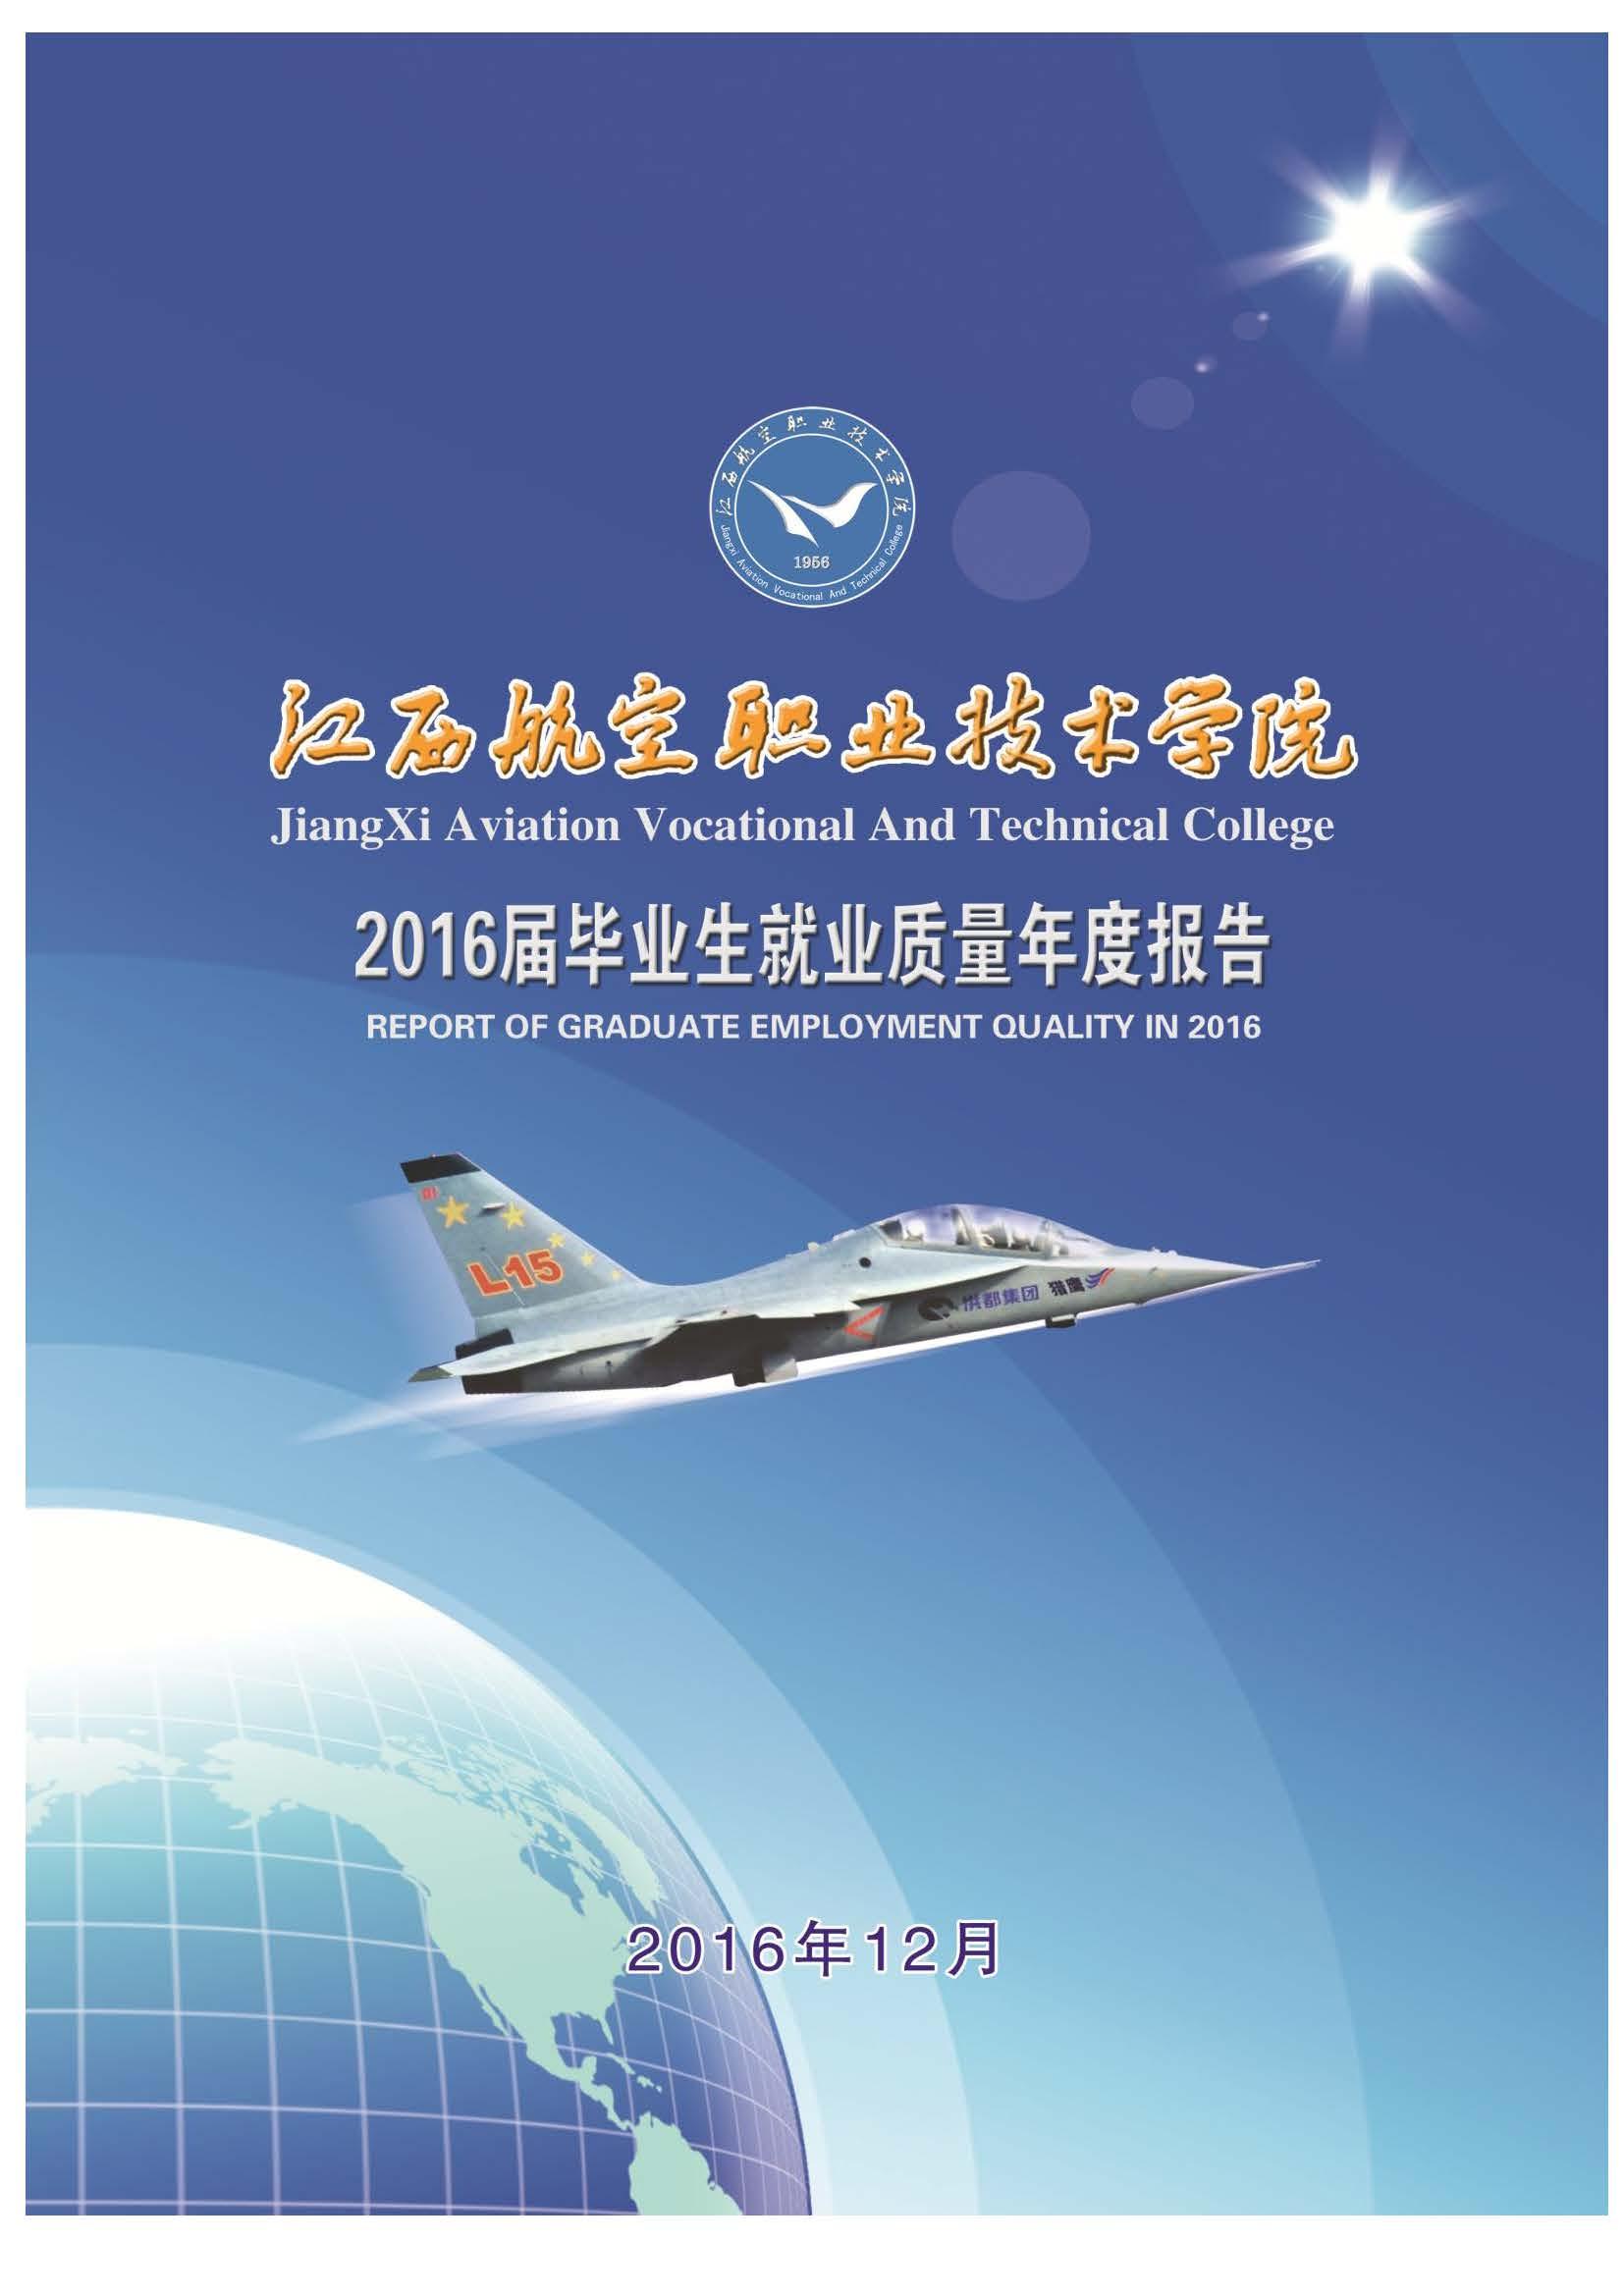 江西航空职业技术学院2016届毕业生就业质量年度报告_Page_01.jpg